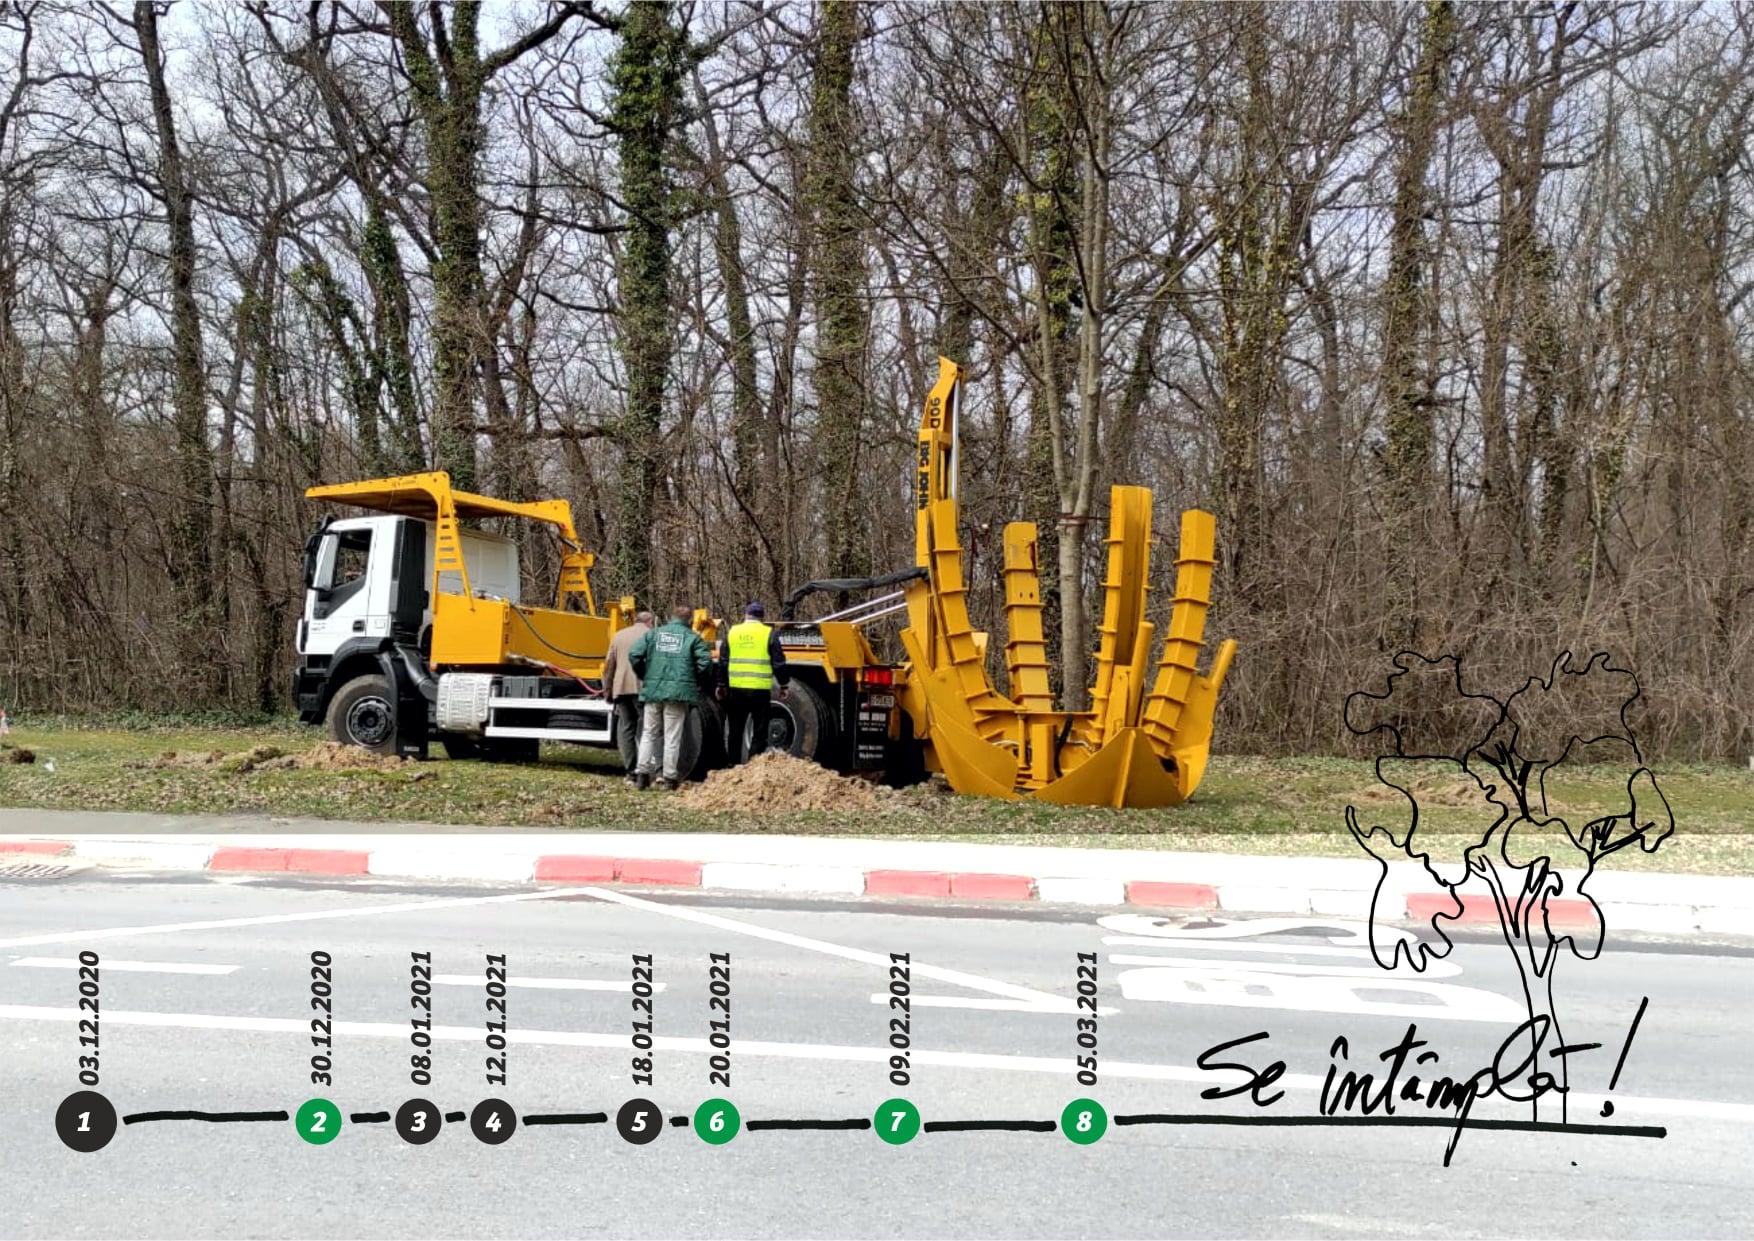 AIOS: Se întâmplă! Primăria Sibiu a început relocarea arborilor de pe Calea Dumbrării